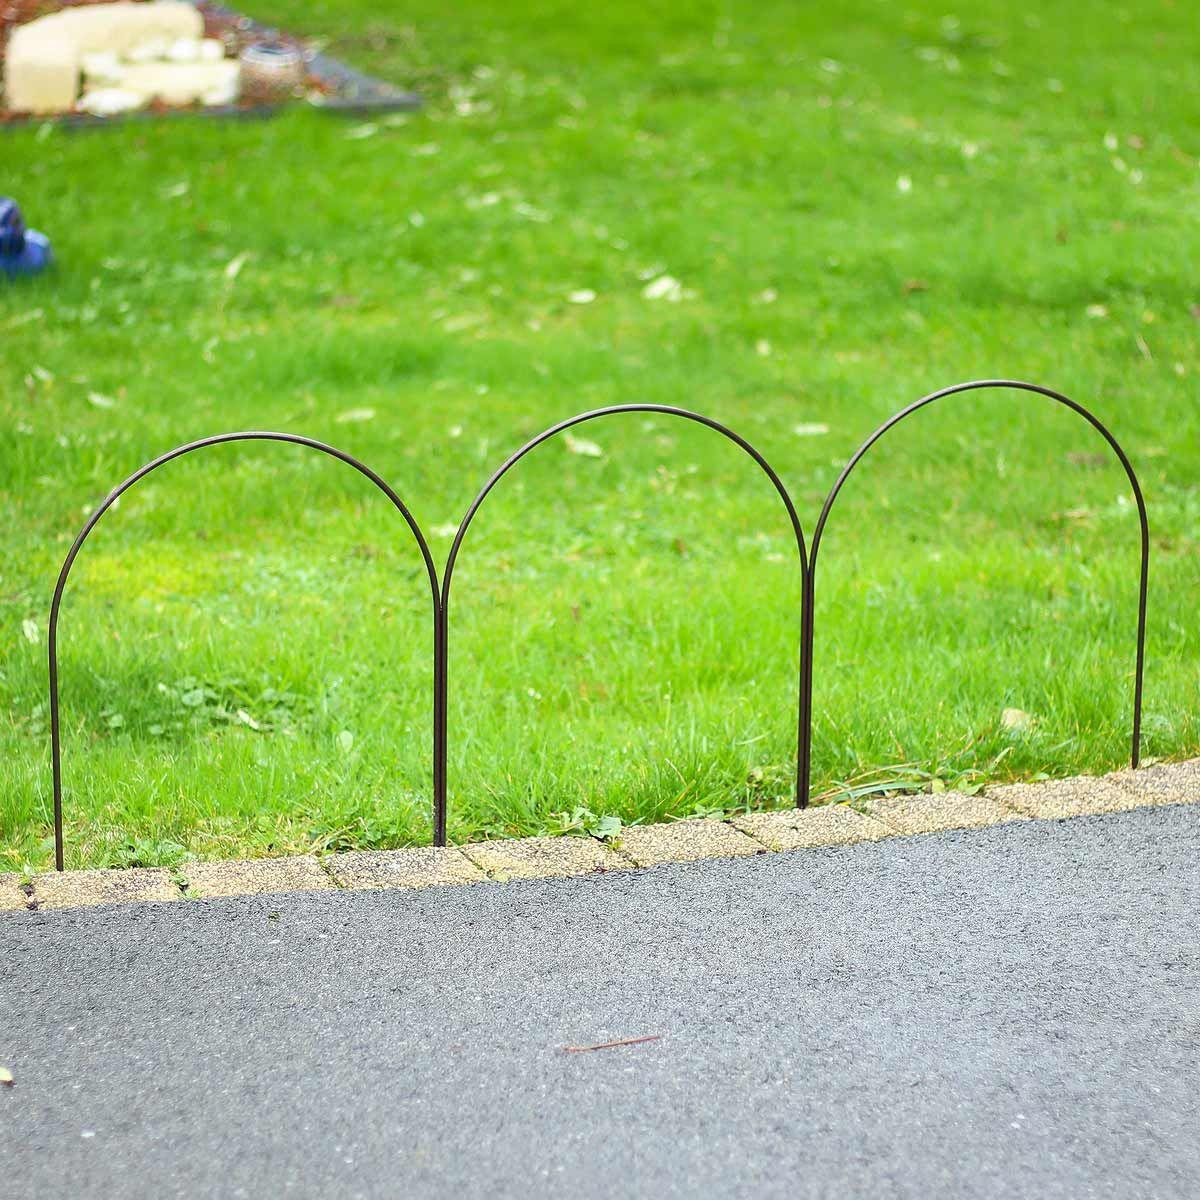 Bordure Triple Arceaux En Acier Plein L.100Cm X H.40Cm ... concernant Arceaux Jardin